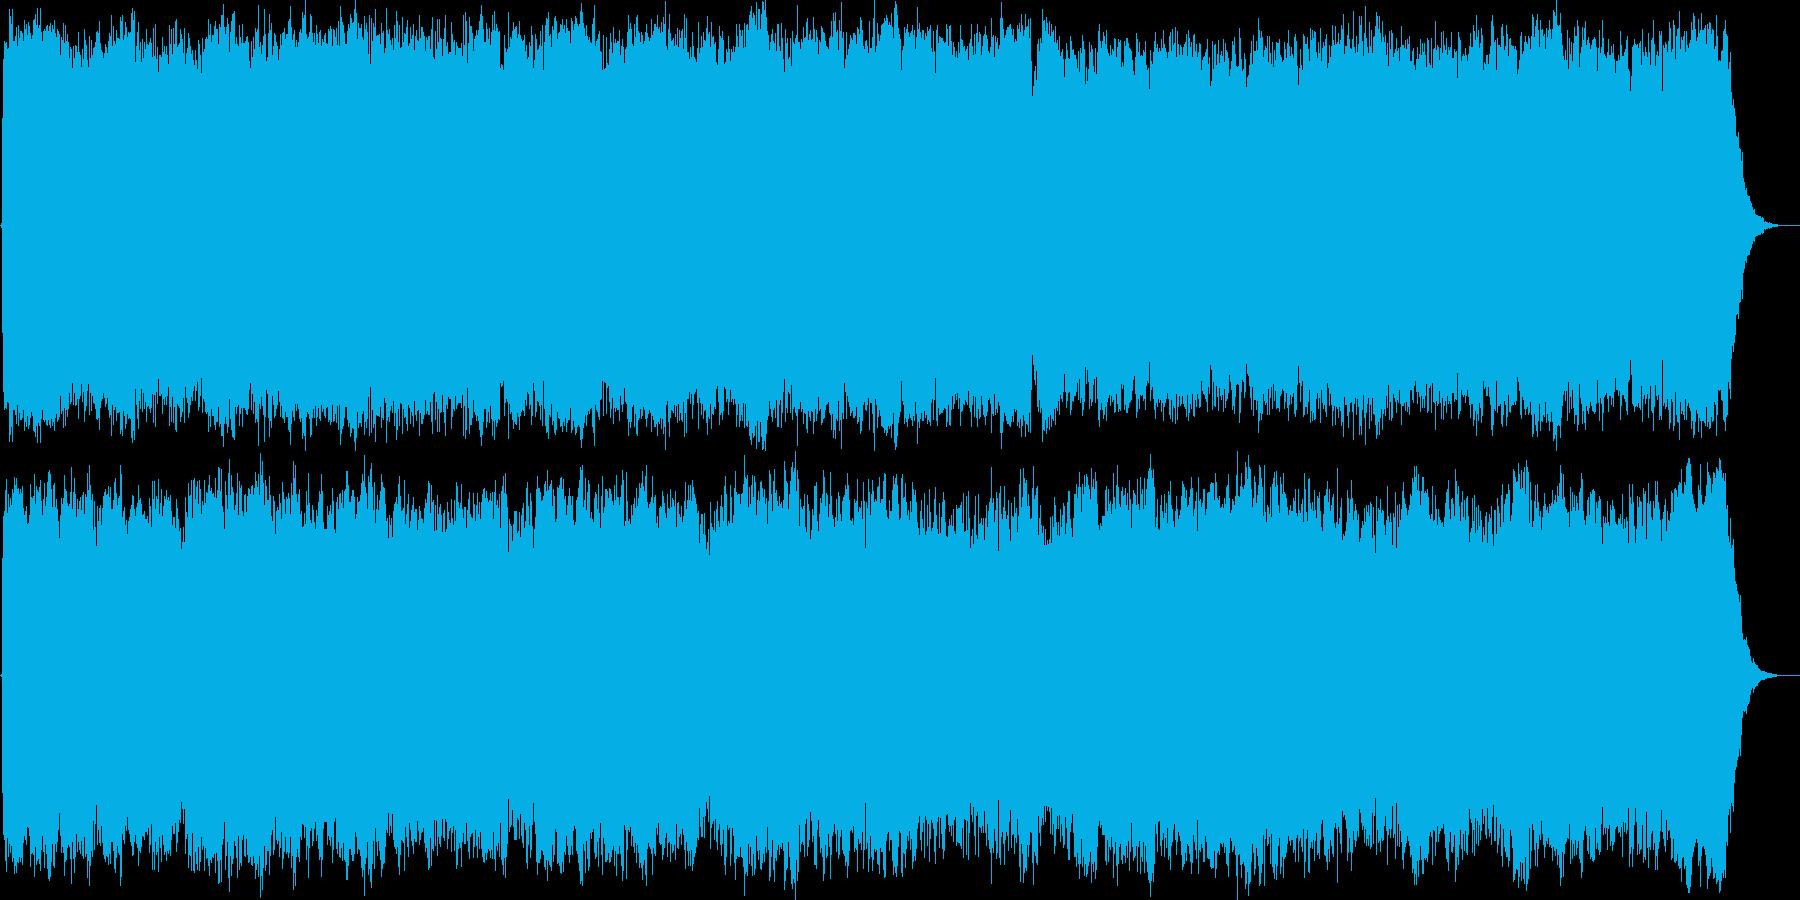 神聖なるパイプオルガンの賛美歌の再生済みの波形